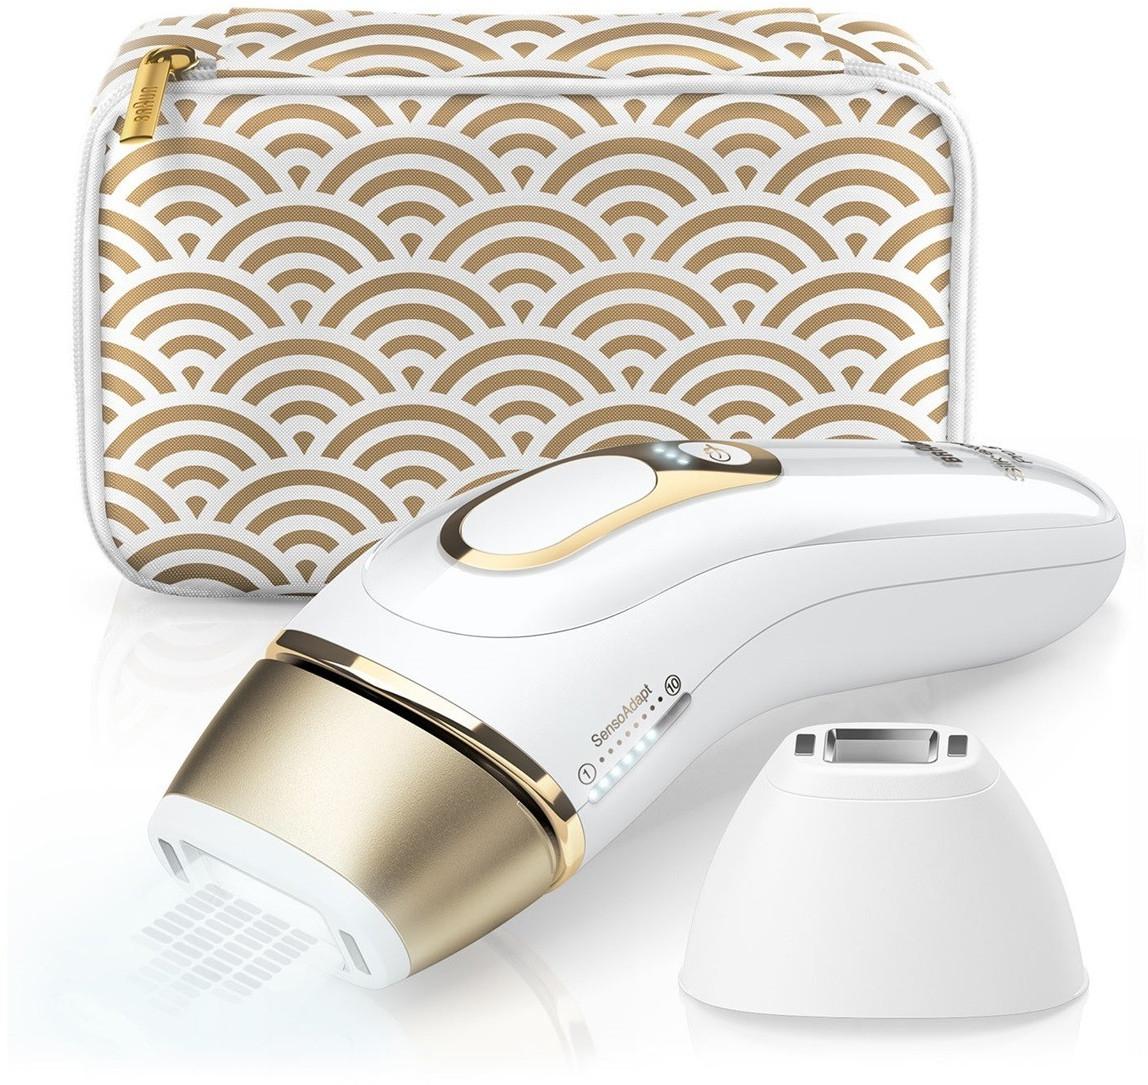 Épilateur à lumière pulsée Braun Silk-Expert Pro 5 PL5137 - IPL, avec pochette / rasoir Venus Extra Smooth / tête de précision